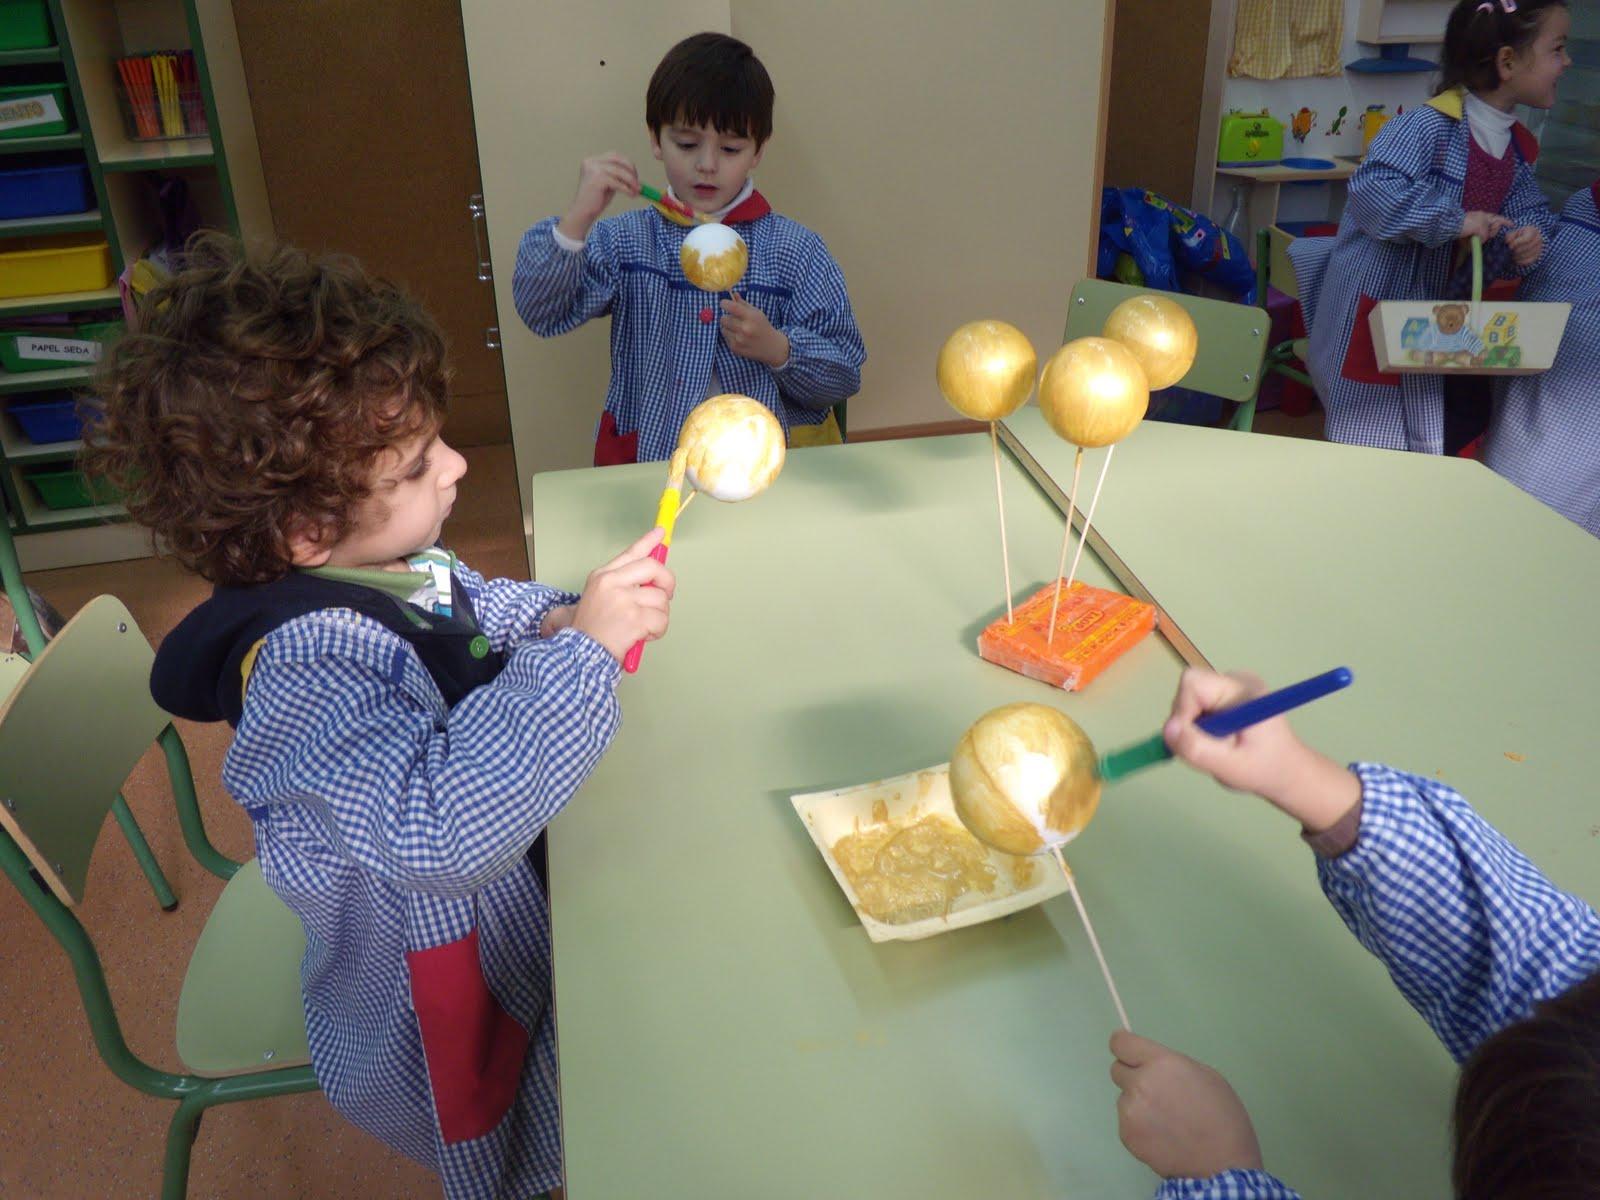 Diasdecole preparamos la navidad - Como pintar bolas de navidad ...